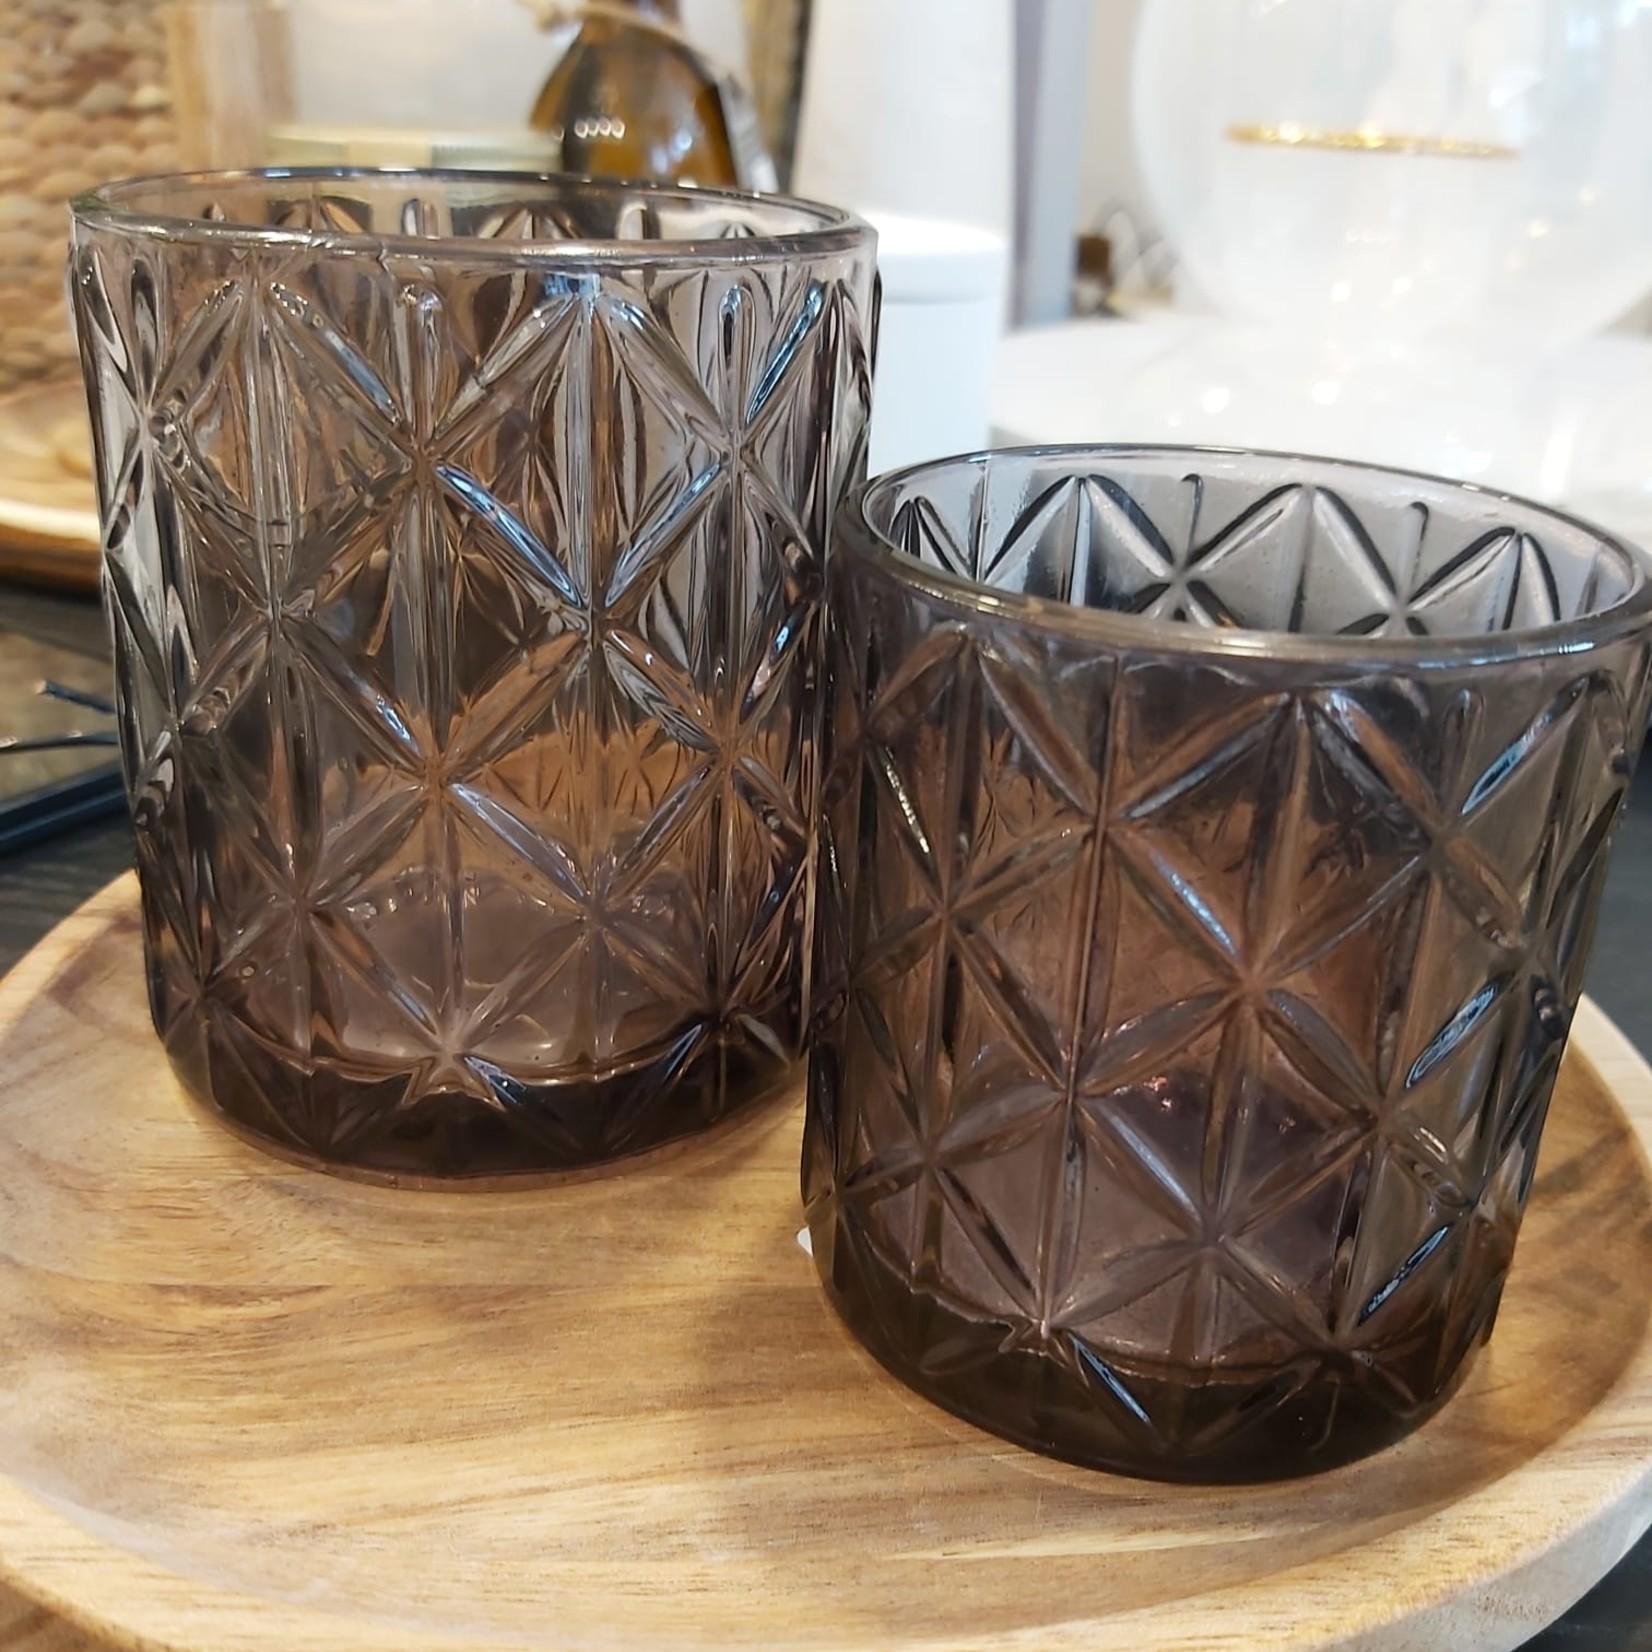 Theelichthouder - Glas - Zwart - Ø 8cm x 10cm